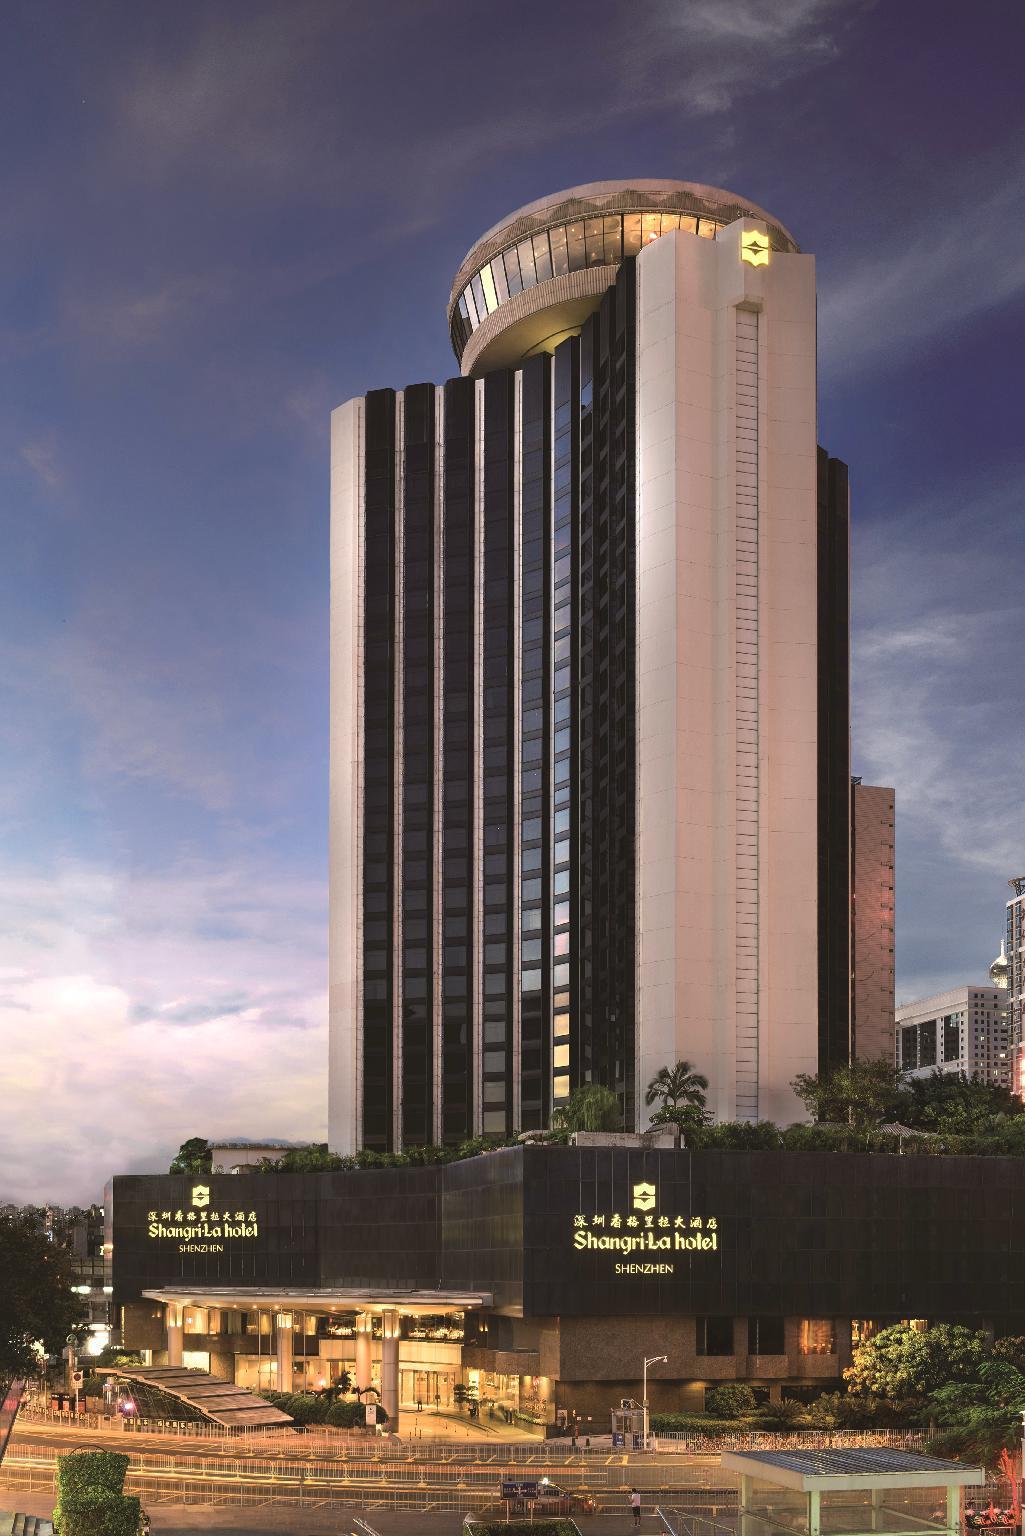 Nanshan Shekou Hotels Shenzhen China Hotels In